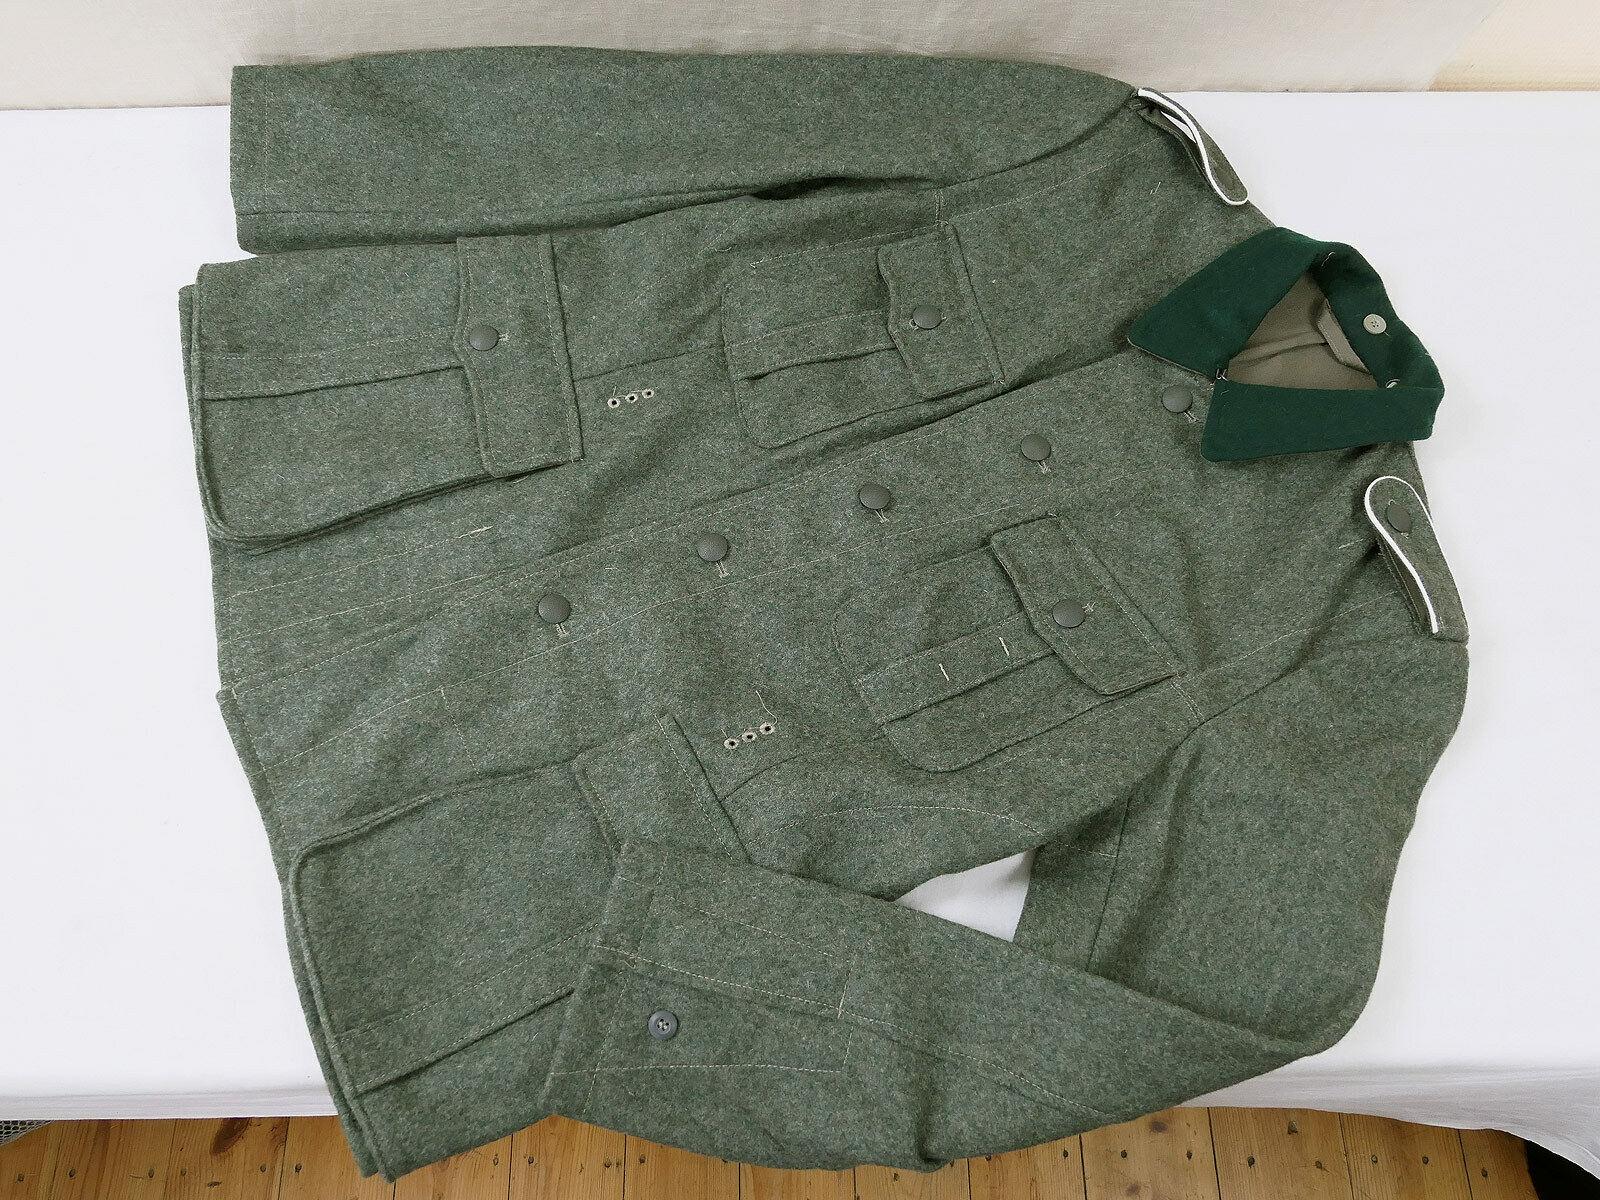 WH M36 Feldjacke Gr 52 Uniformjacke Feldbluse Wehrmacht WK2 WWII Fieldjacket